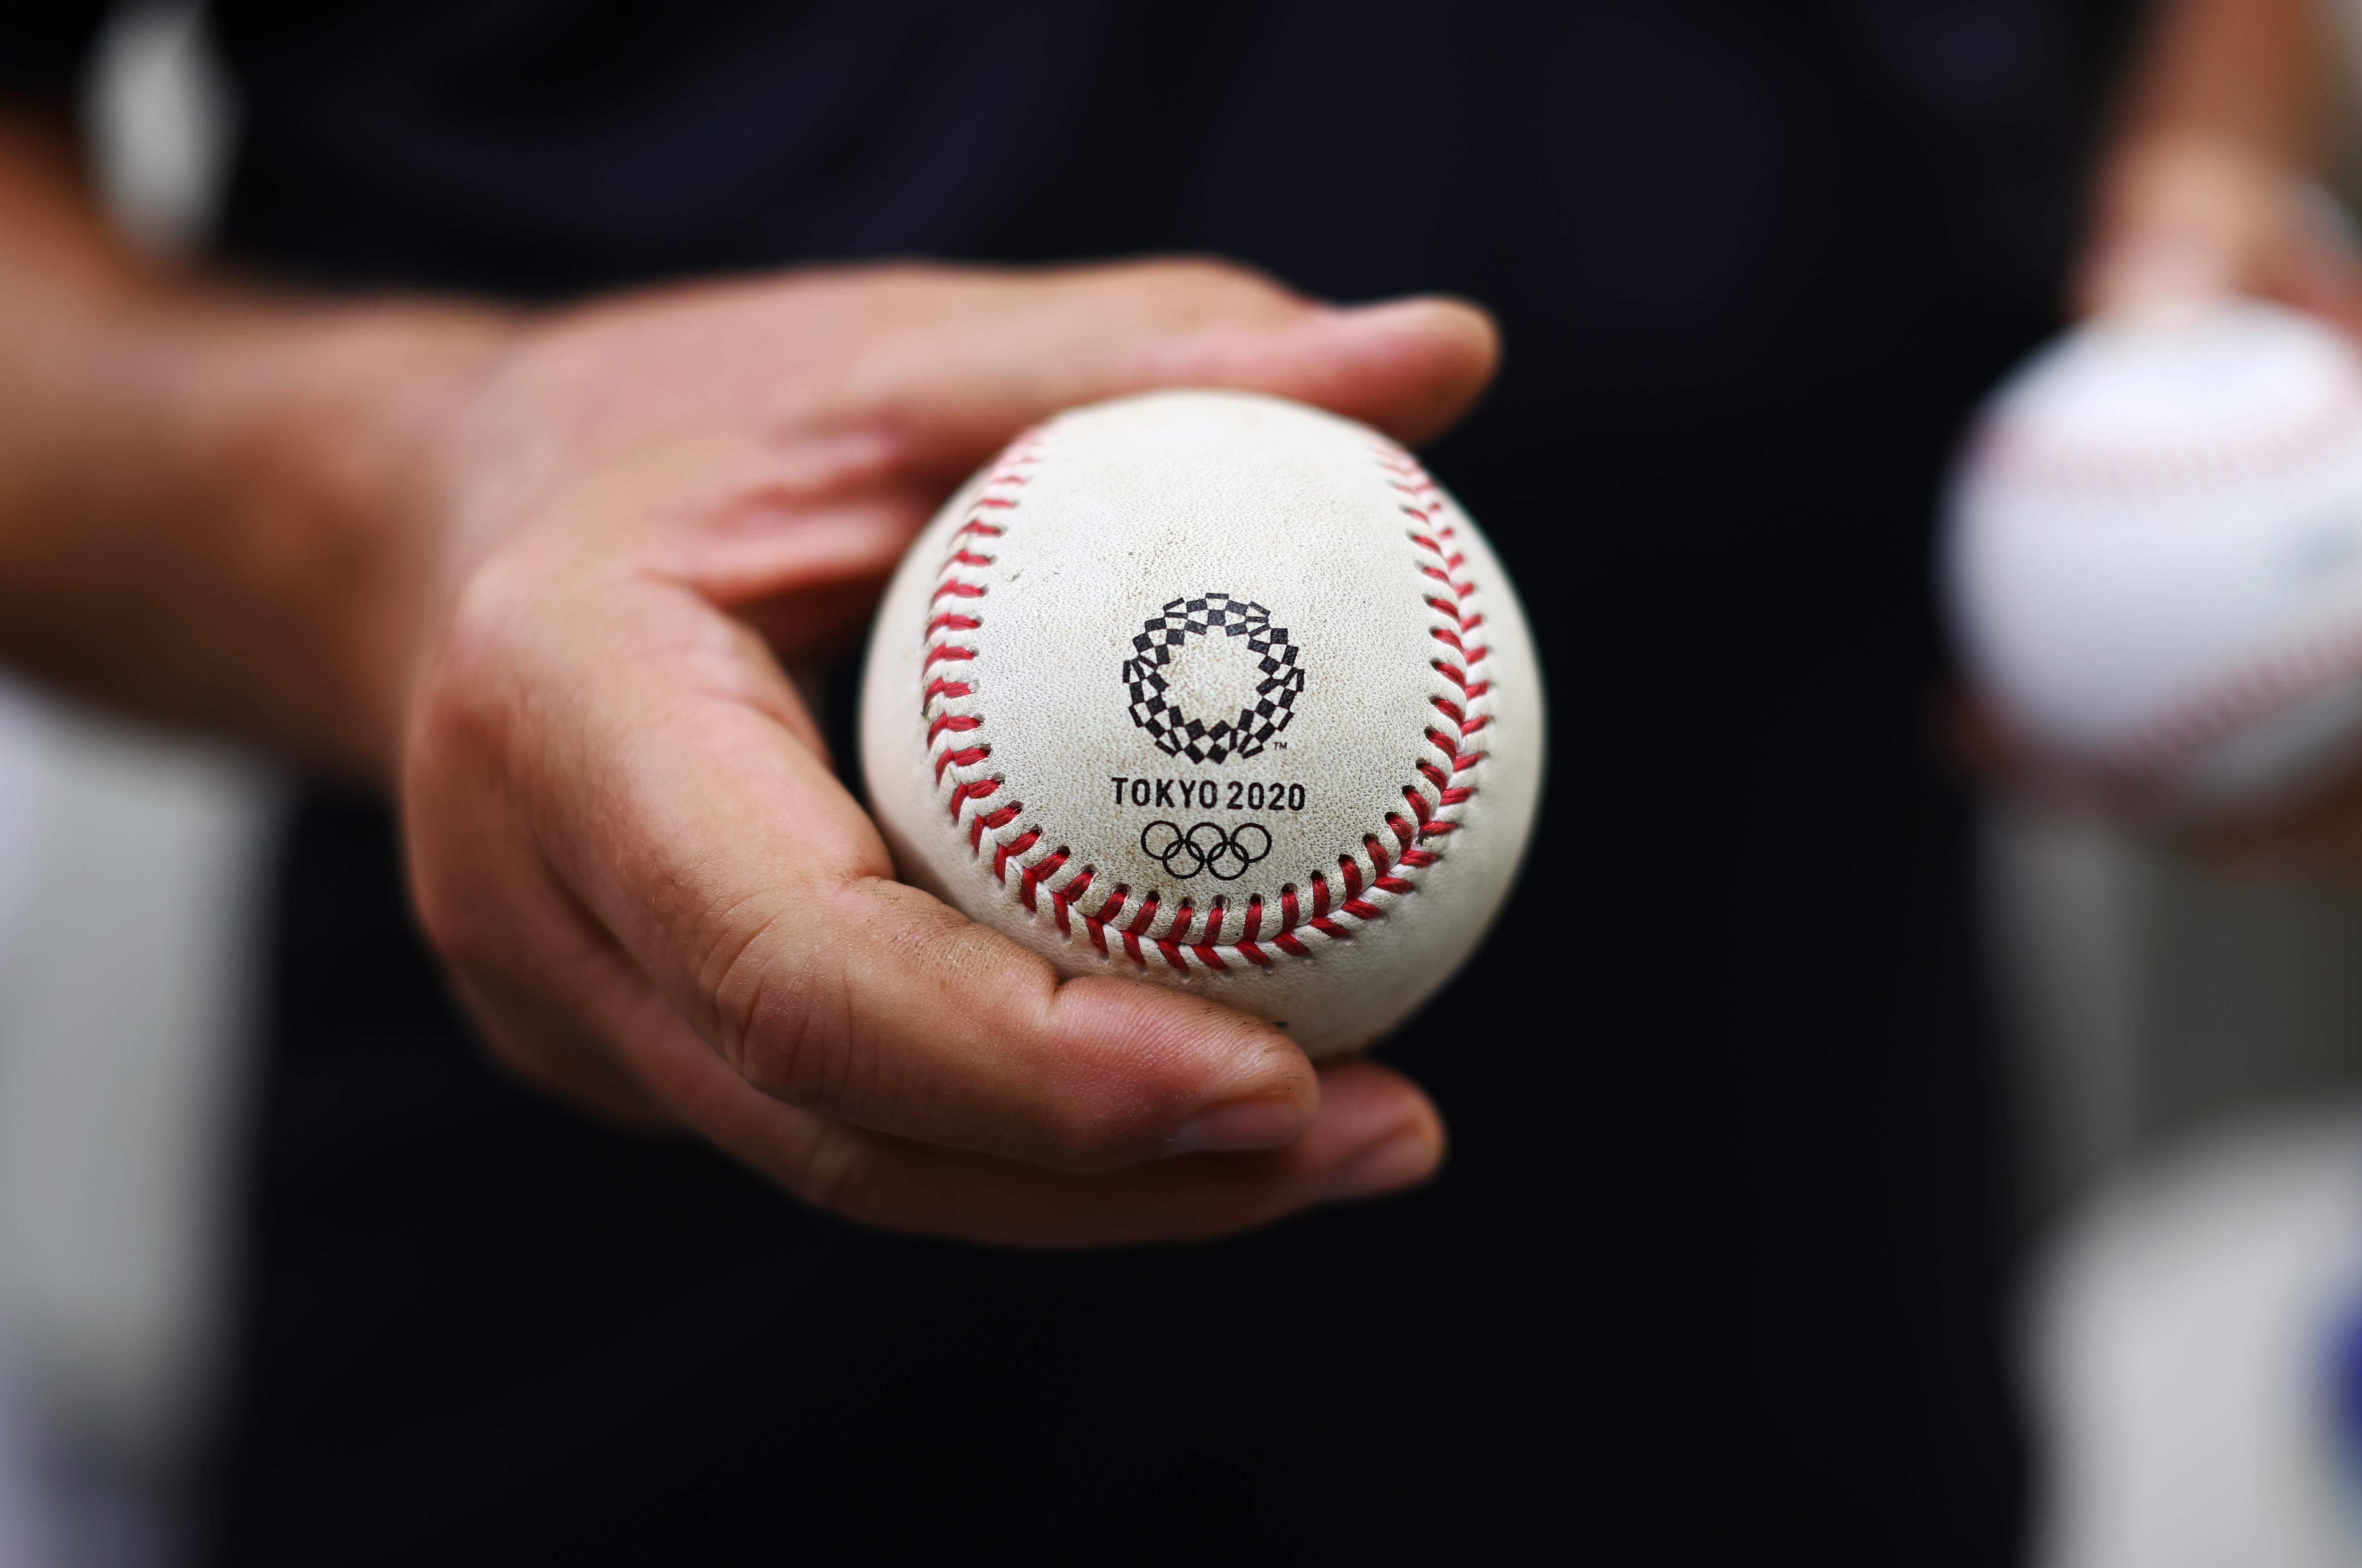 Umpiring officials display a baseball as they rub baseballs with mud prior to a game during the Tokyo 2020 Olympics at the Yokohama Baseball Stadium in Yokohama, Japan July 30, 2021. REUTERS/Jorge Silva